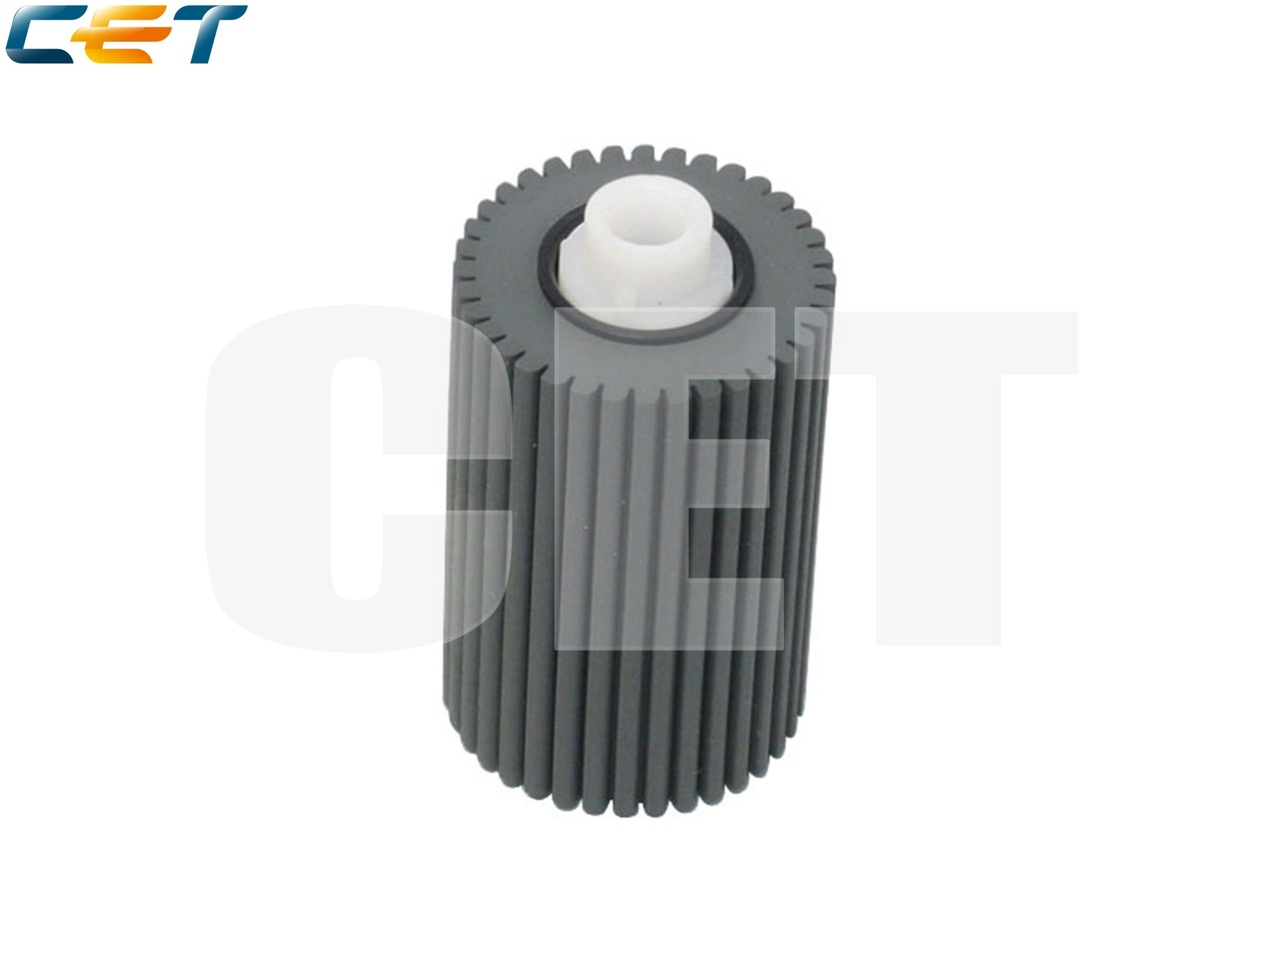 Ролик подхвата 2A806010 для KYOCERAFS-1000/1010/1016MFP/018/1020/1030D (CET), CET0712